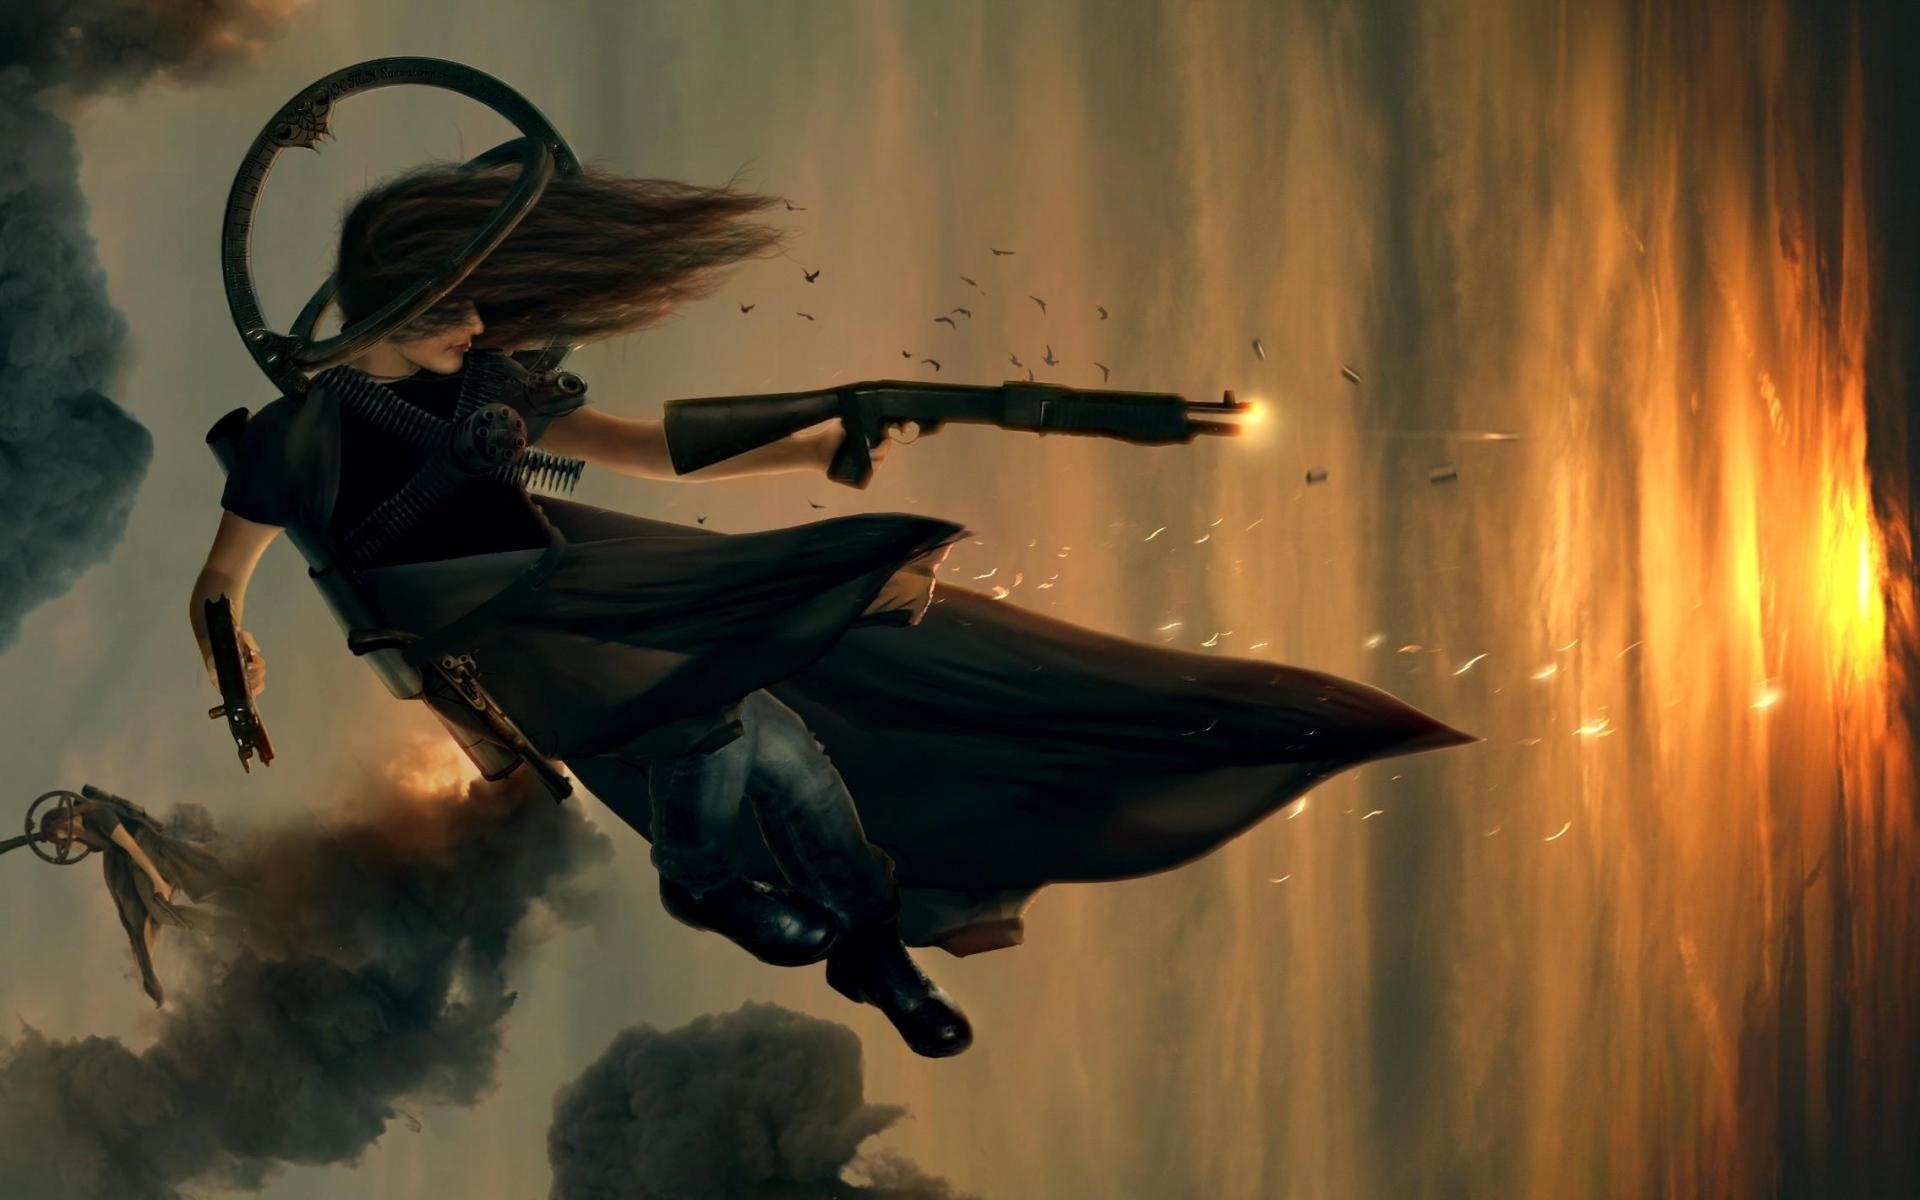 Картинки Девушка, стрельба, огонь, рукав, прыжок фото и обои на рабочий стол